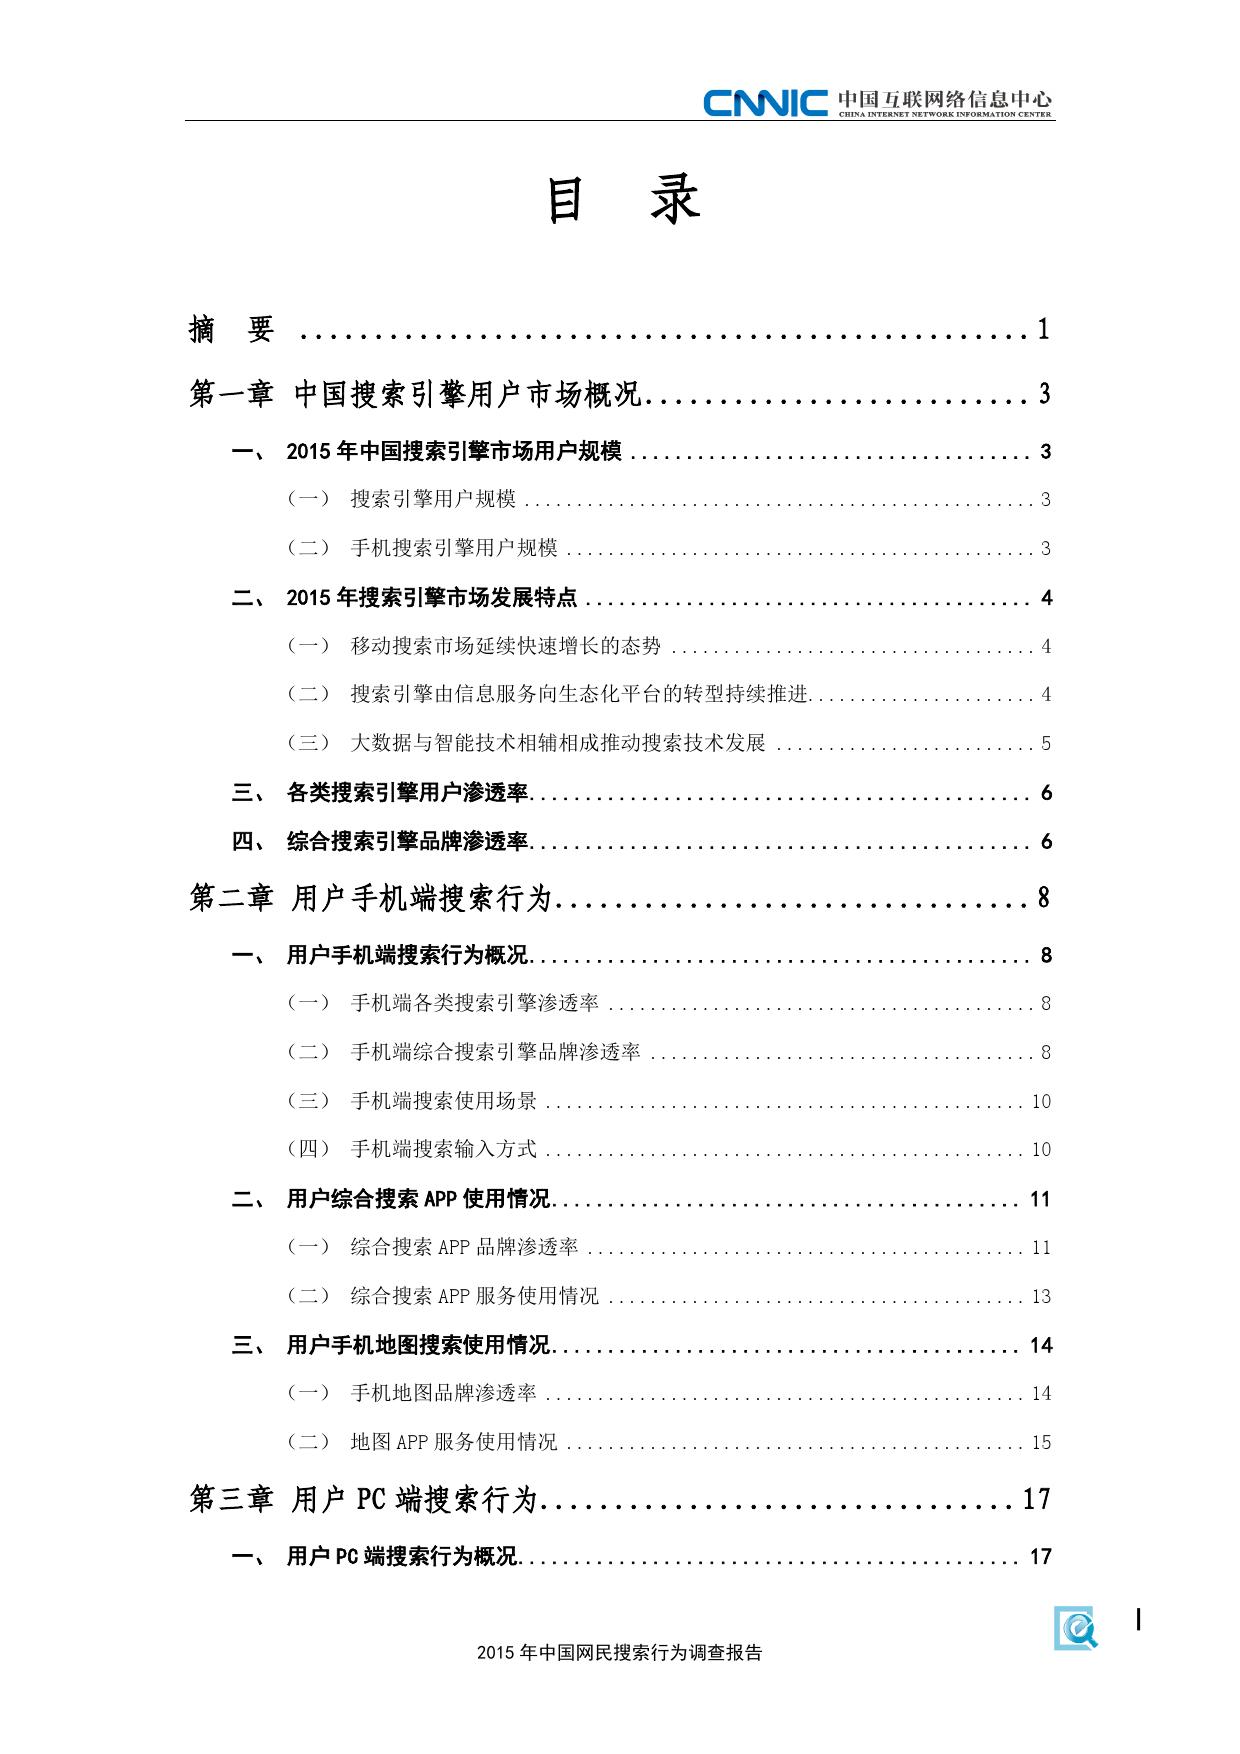 CNNIC:2015年中国网民搜索行为调查_000005